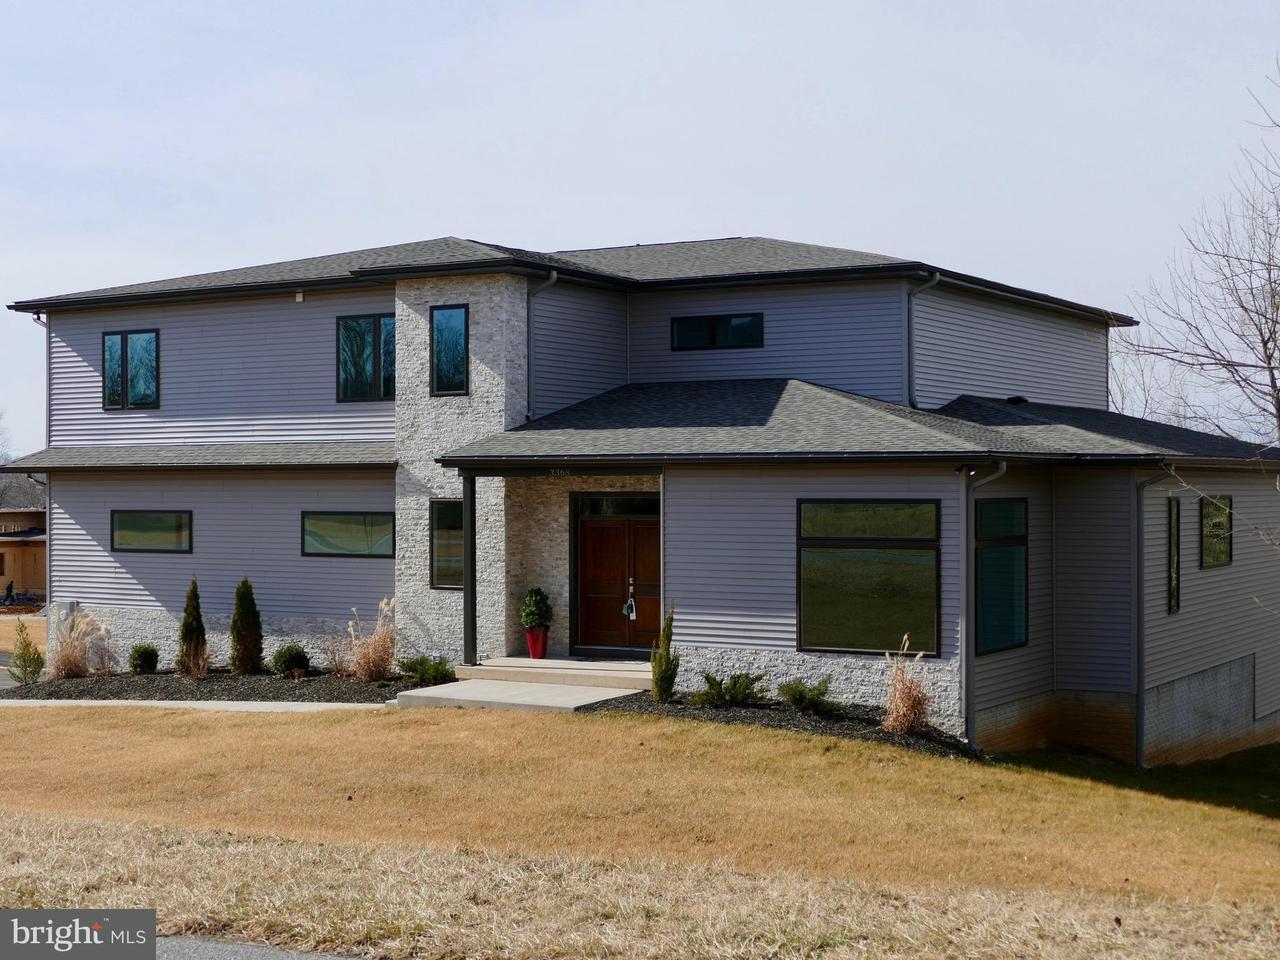 Μονοκατοικία για την Πώληση στο 3368 ECLIPSE Court 3368 ECLIPSE Court Jefferson, Μεριλαντ 21755 Ηνωμενεσ Πολιτειεσ